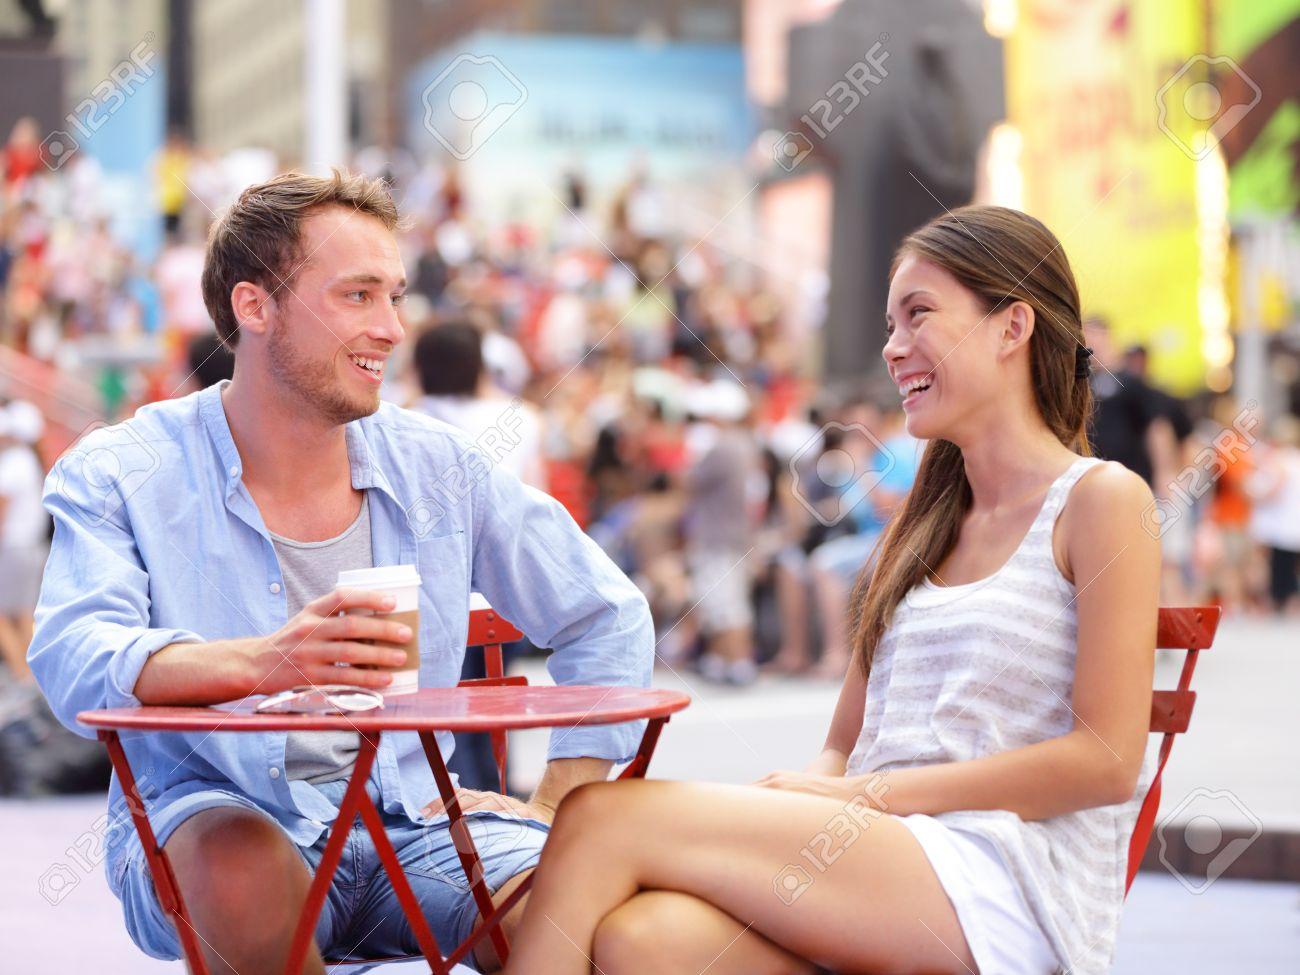 Incontri Servizi NYC recensioni SNL dating attrice